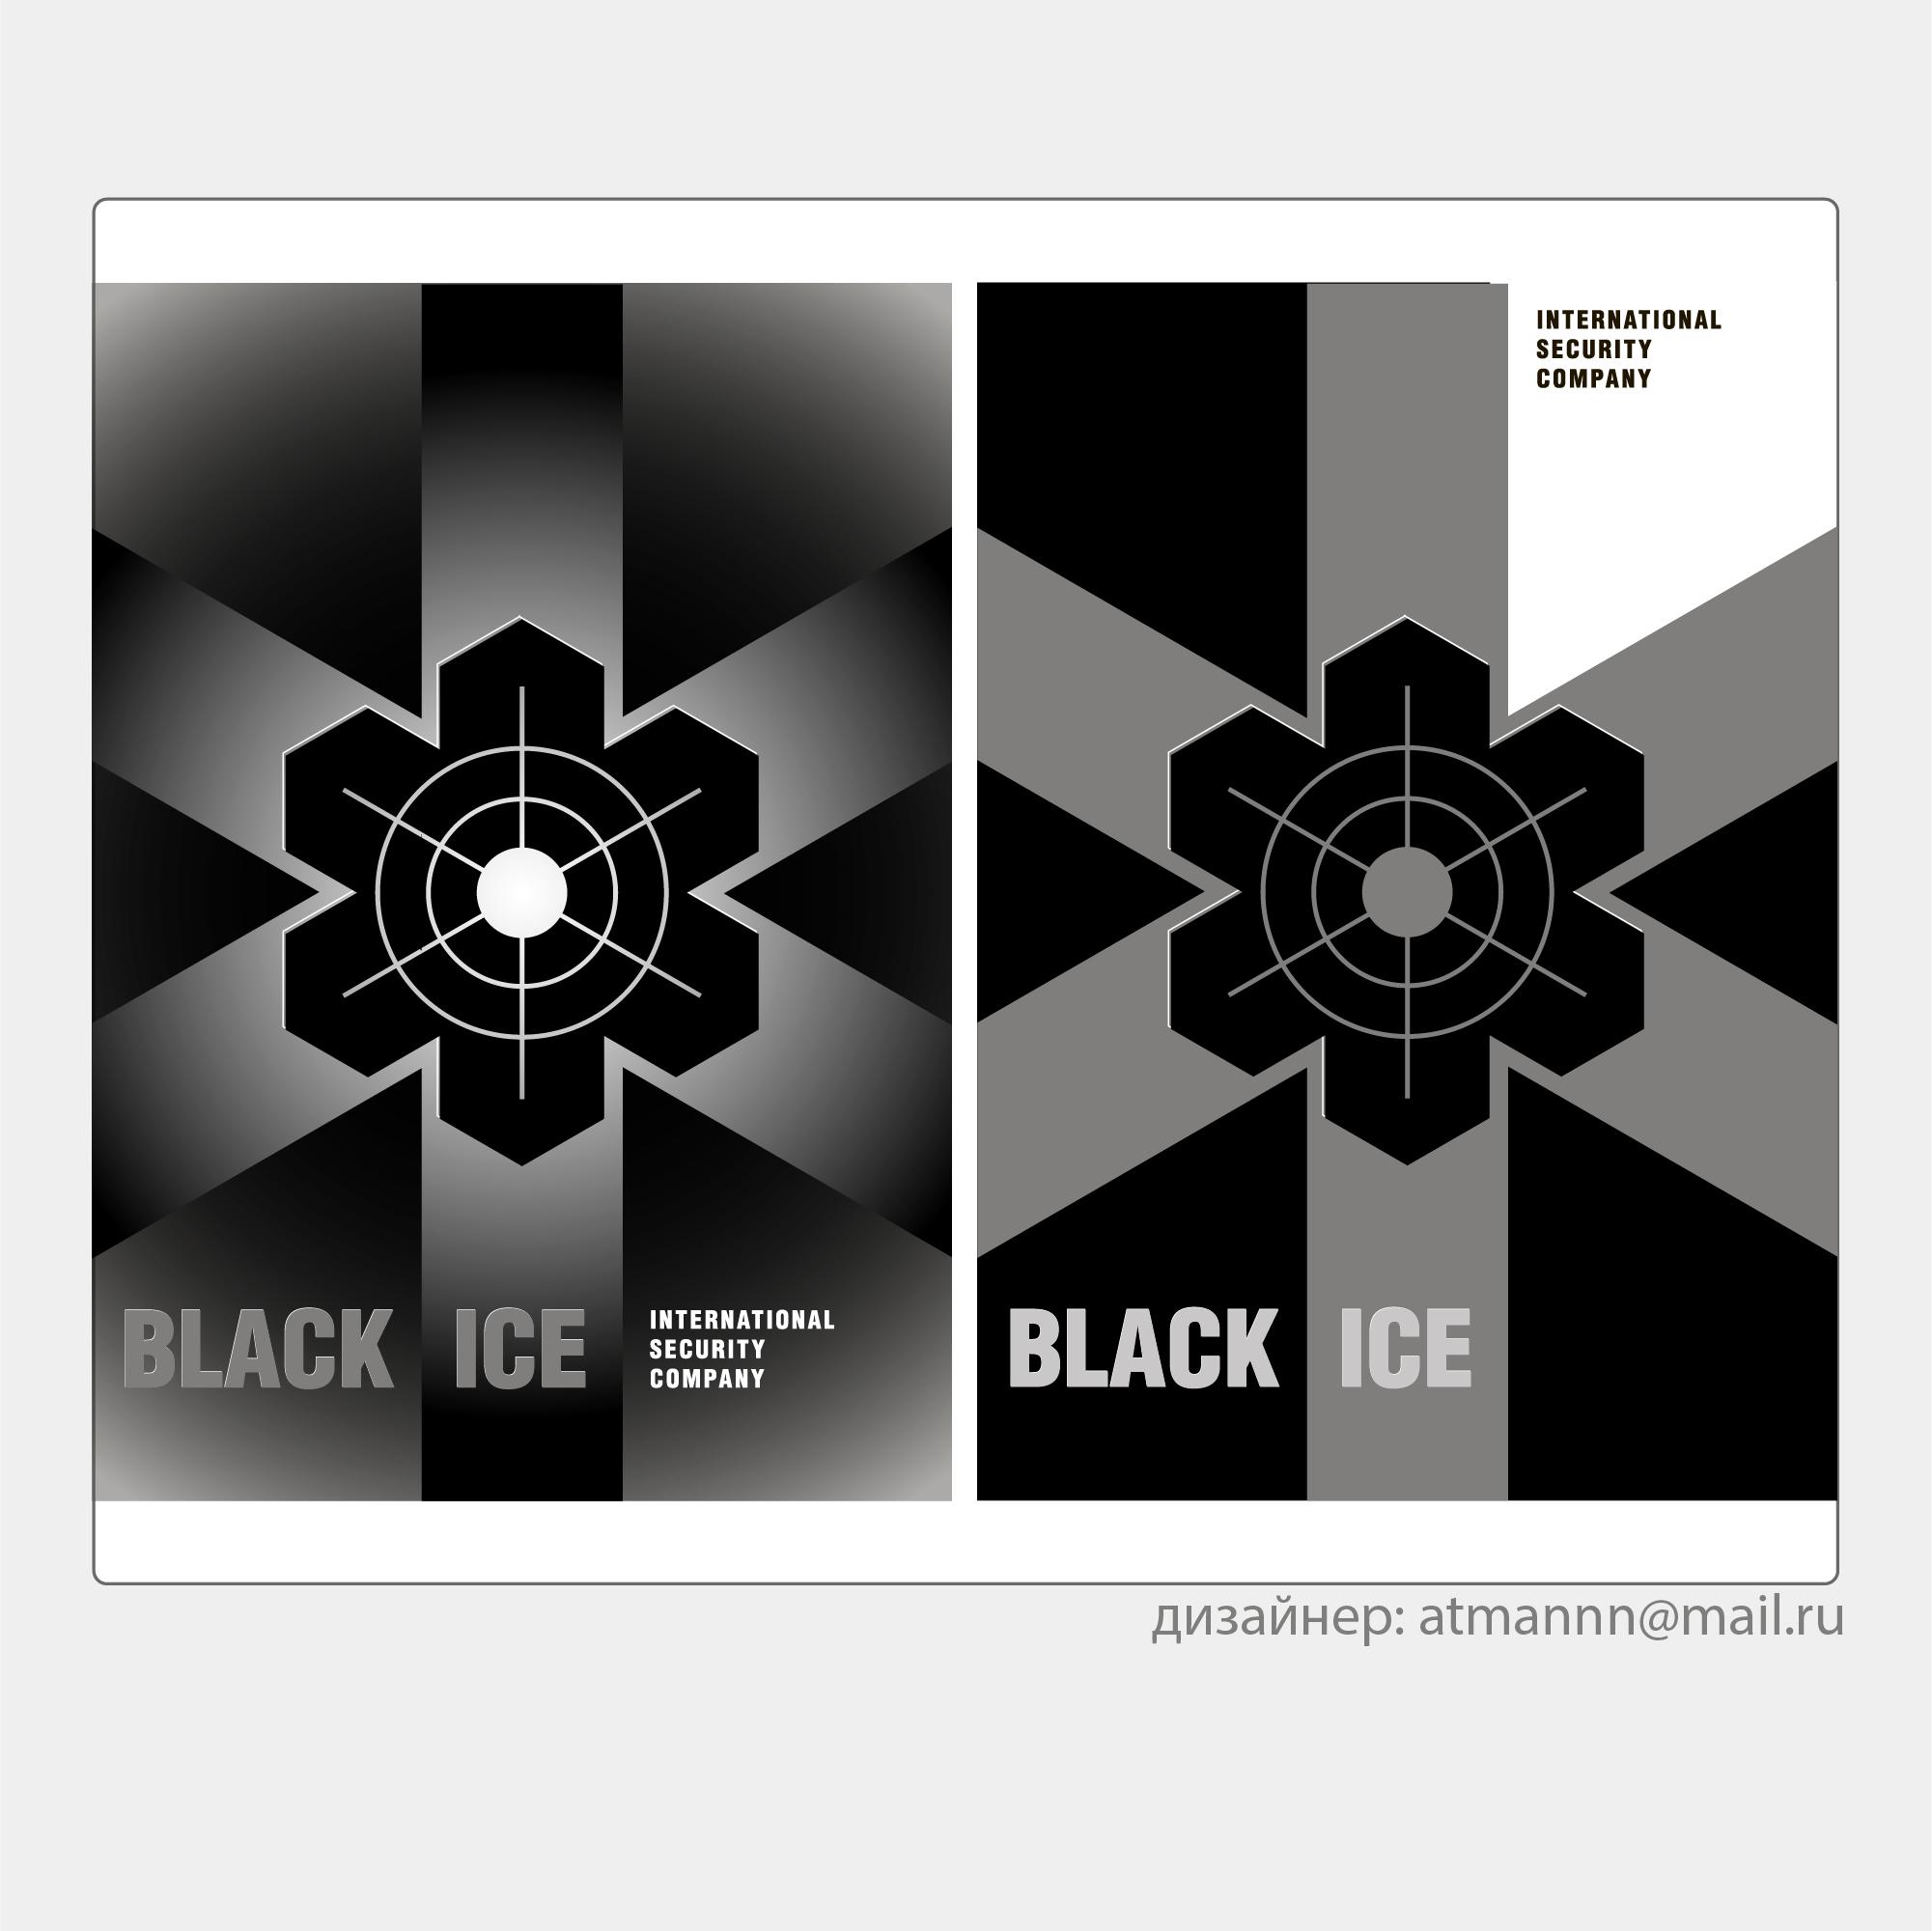 """Логотип + Фирменный стиль для компании """"BLACK ICE"""" фото f_00557166765ec92b.jpg"""